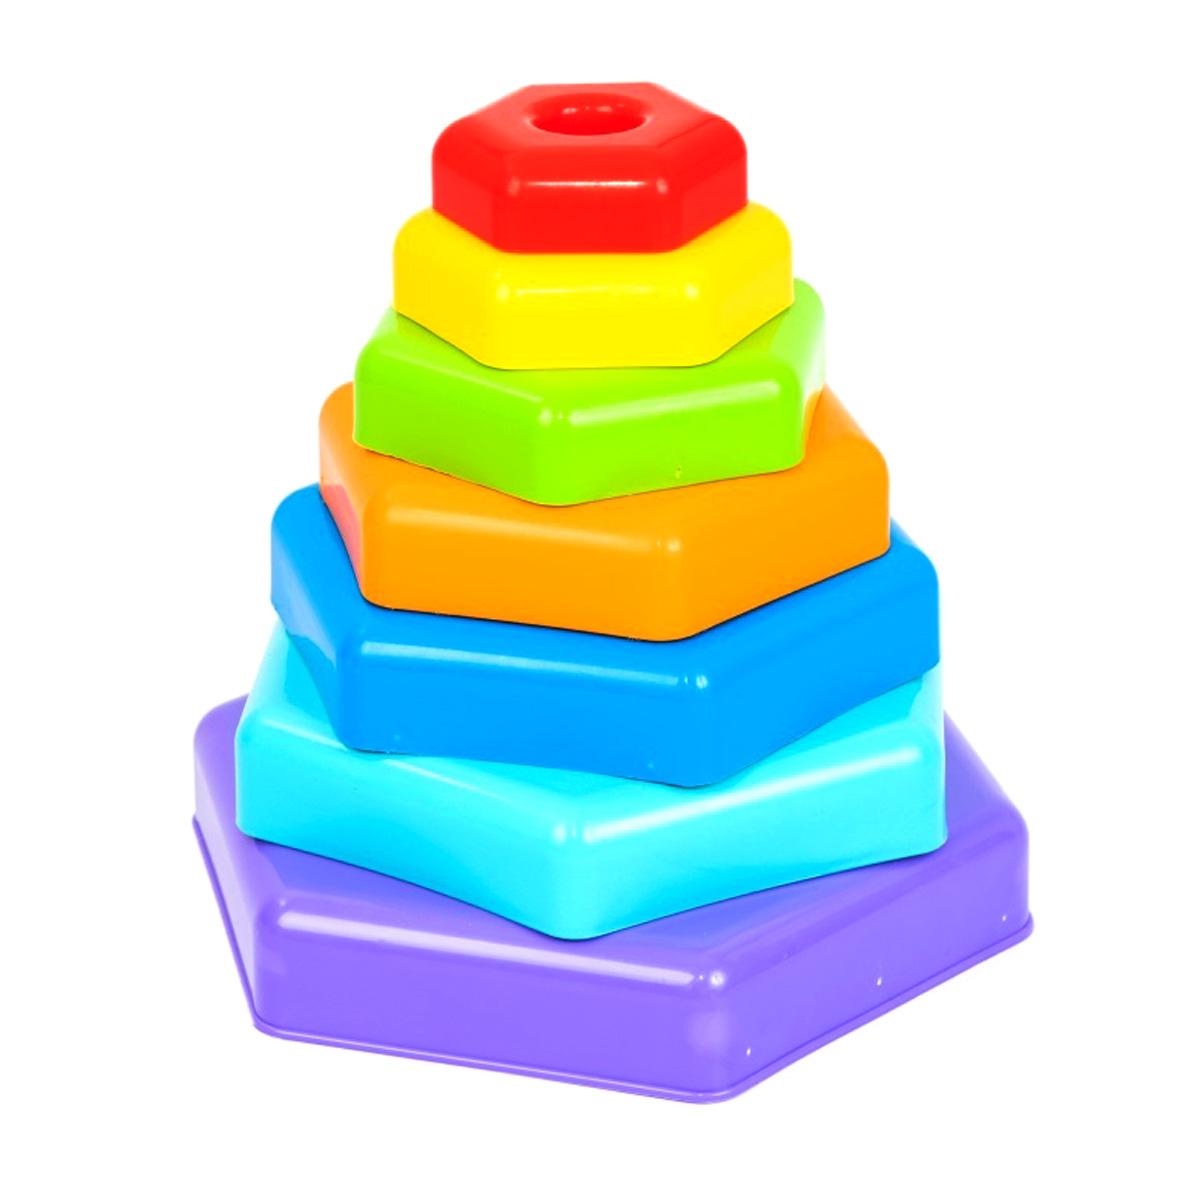 пирамидка радужная